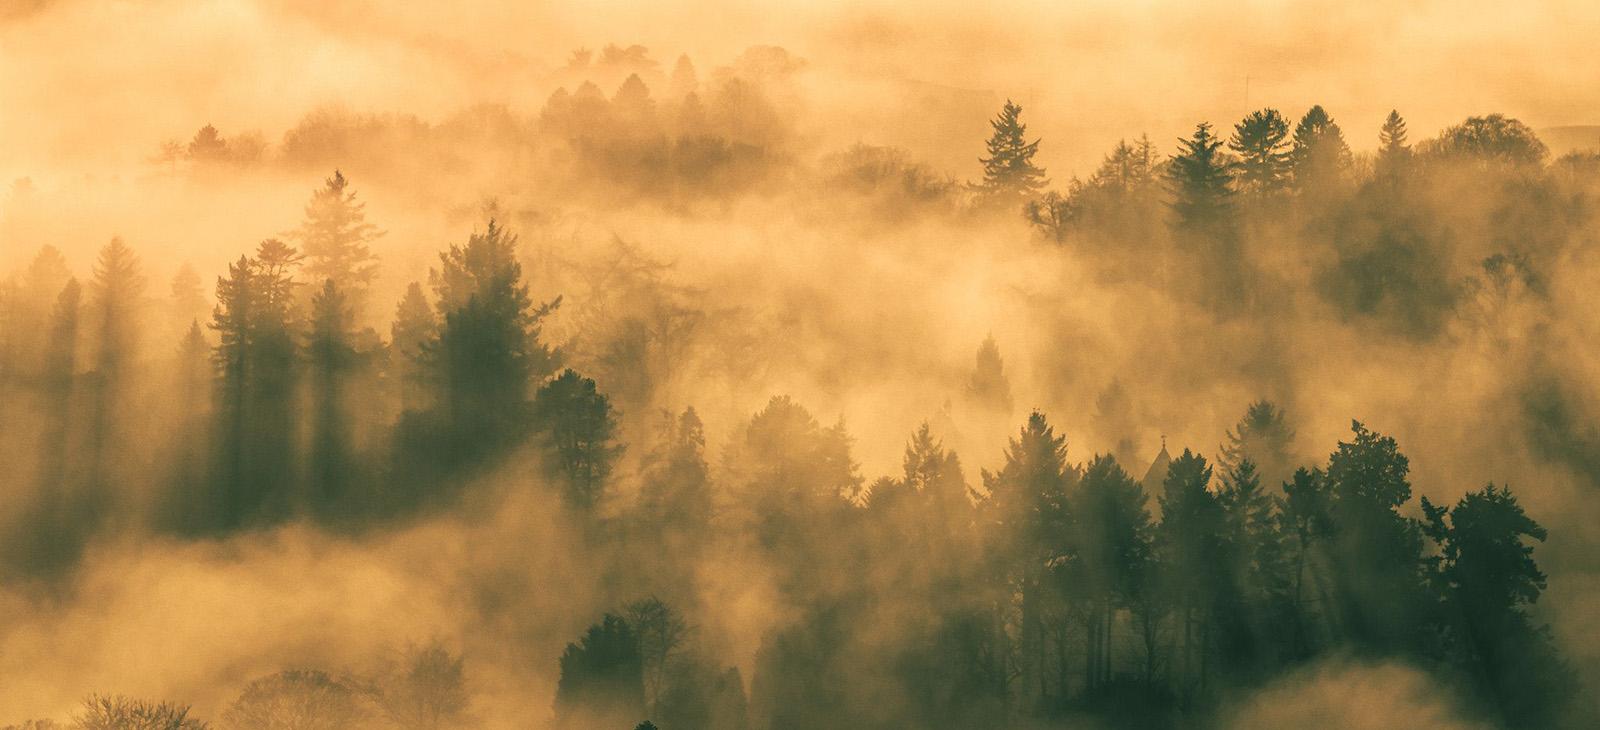 داستان شکل گیری جنگل ها